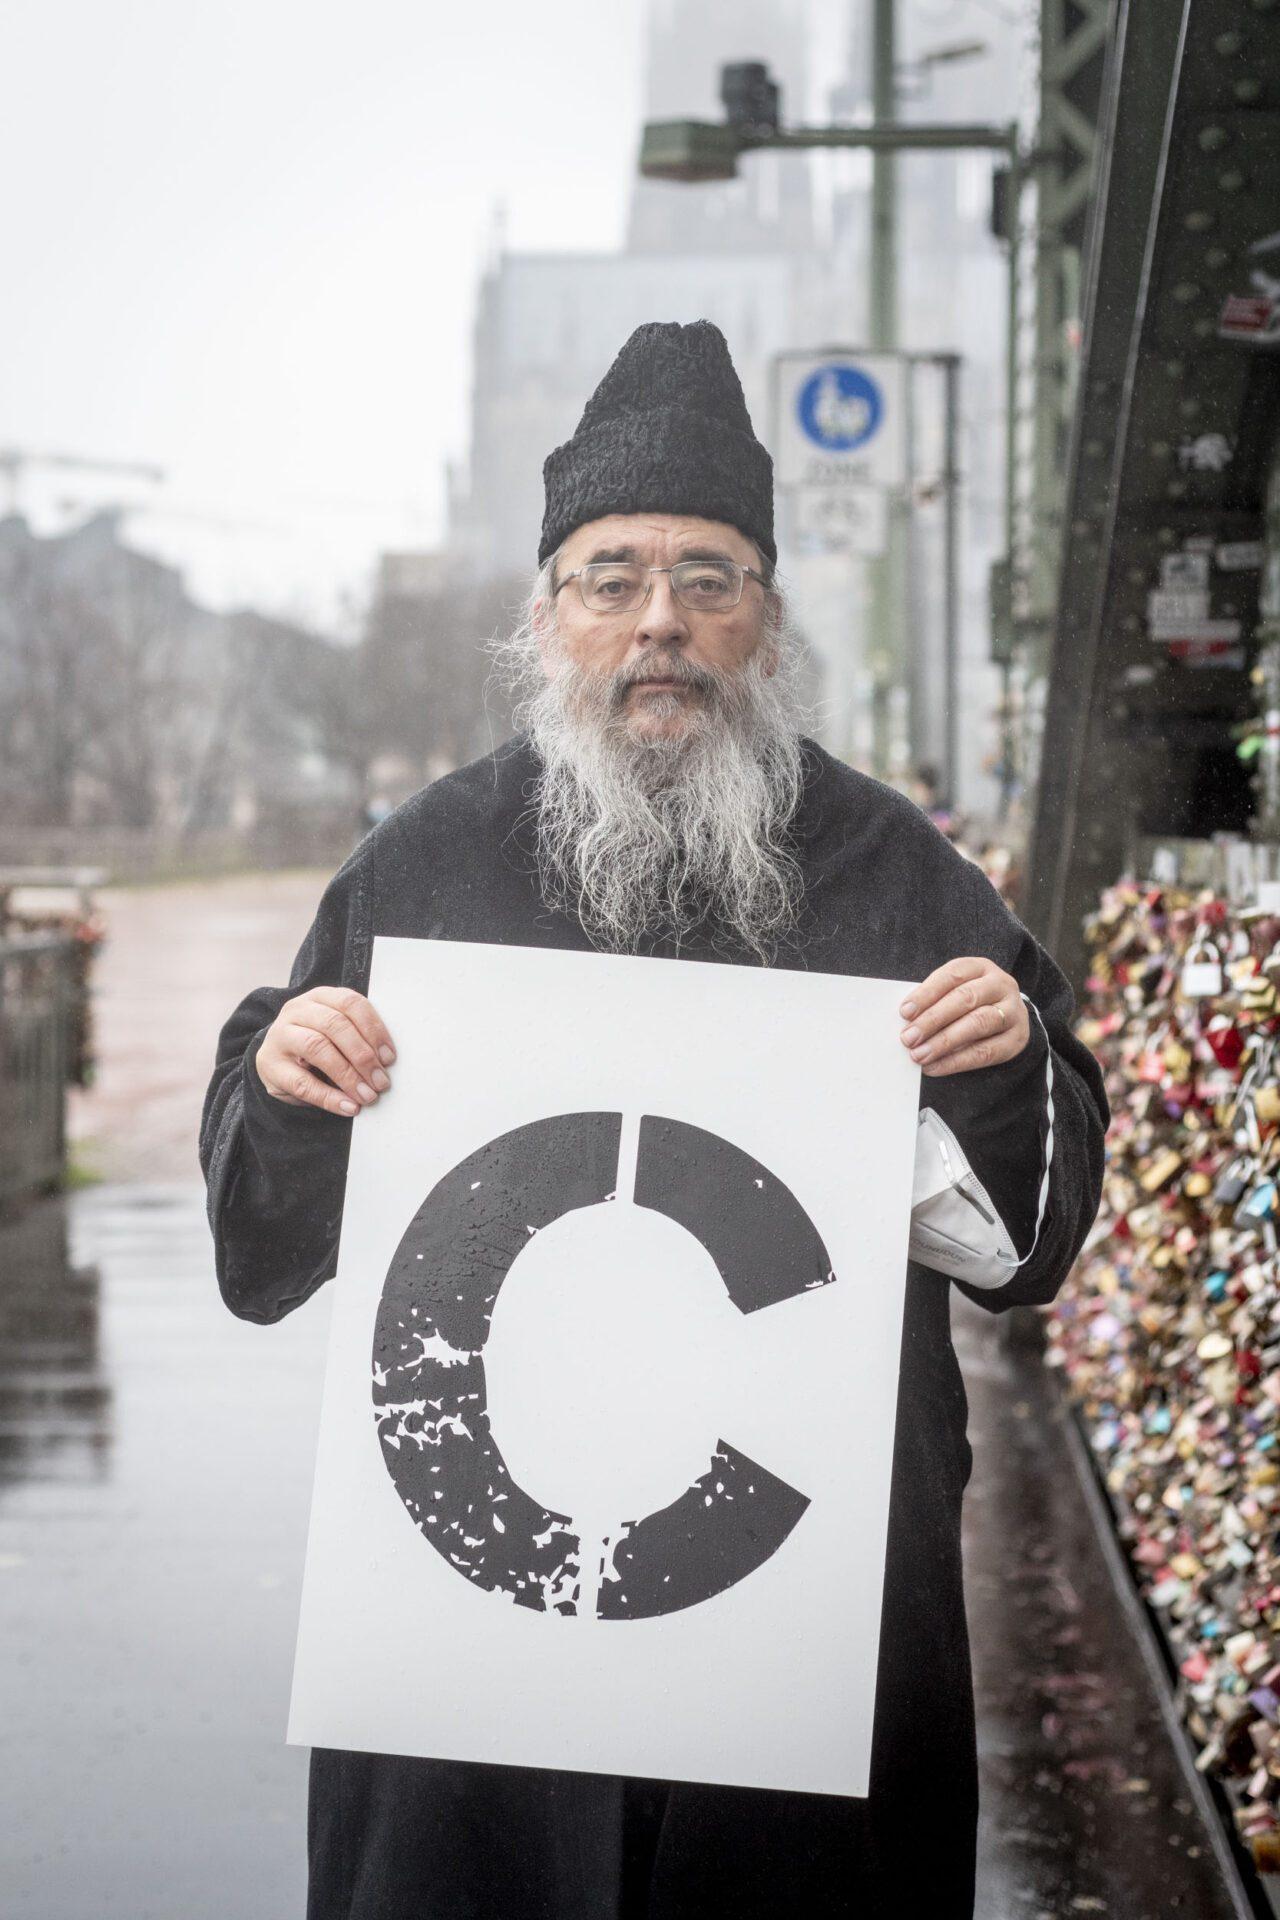 EinfachNurMenschSein Erzpriester Constantin Miro 27 Januar 2021